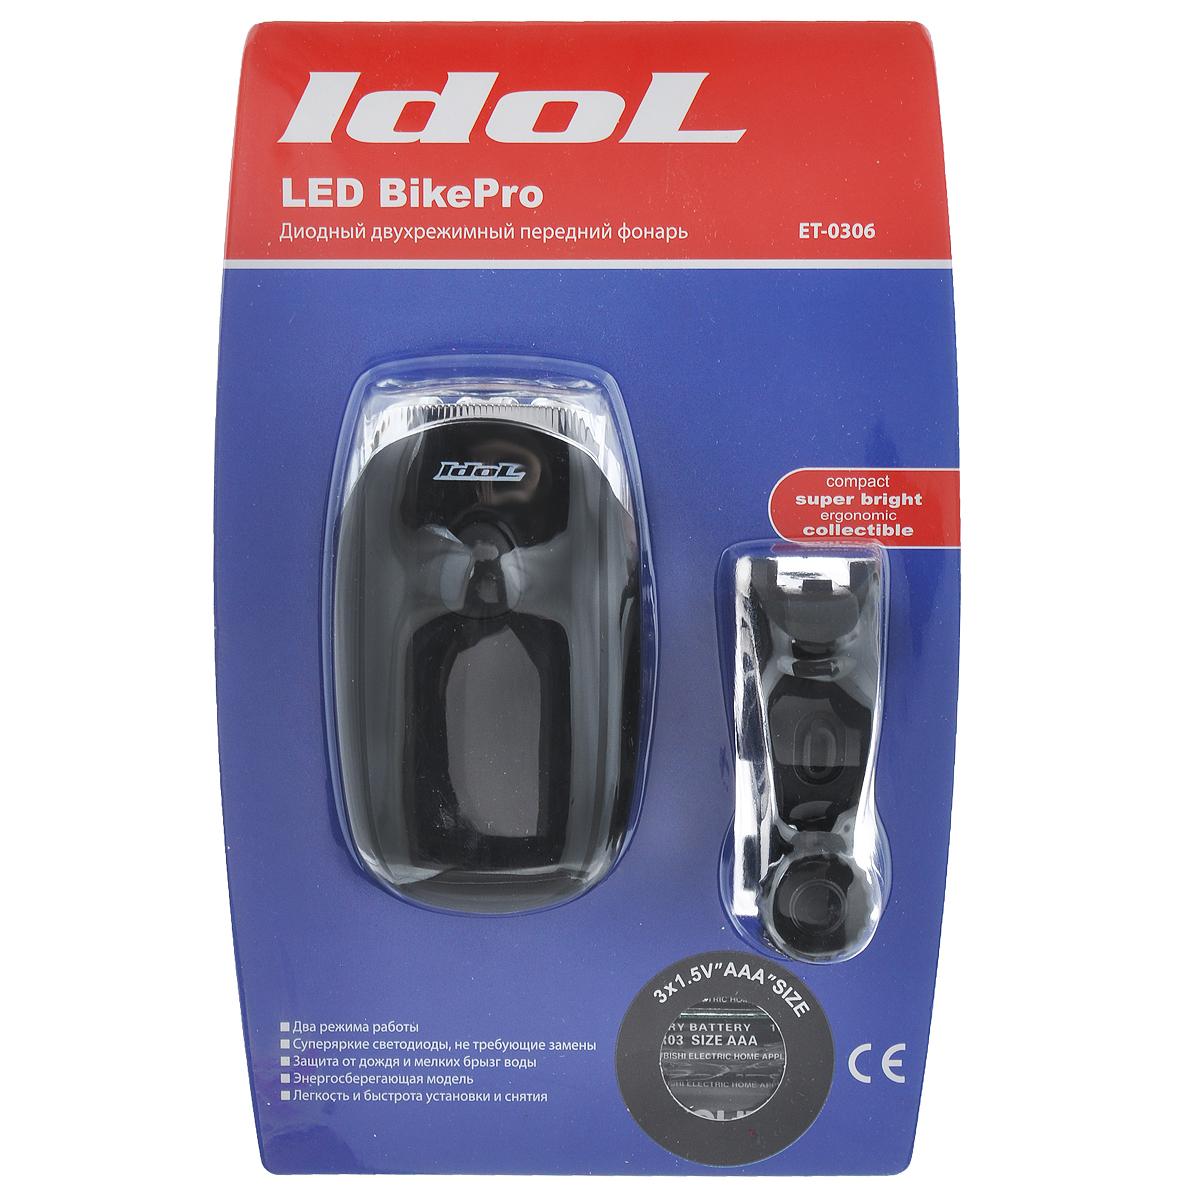 Фонарь для велосипеда Idol BikePro, передний, 3 светодиода, цвет: черныйЕТ-0306_черныйДиодный двухрежимный передний фонарь Idol BikePro предназначен для езды на велосипеде в темное время суток. Преимущества фонаря: - два режима работы (обычное свечение и мигающий режим), - яркие светодиоды, не требующие замены, - защита от дождя и мелких брызг воды, - энергосберегающая модель, - легкость и быстрота снятия. Фонарь работает от 3-х батареек типа ААА 1.5V (входят в комплект).